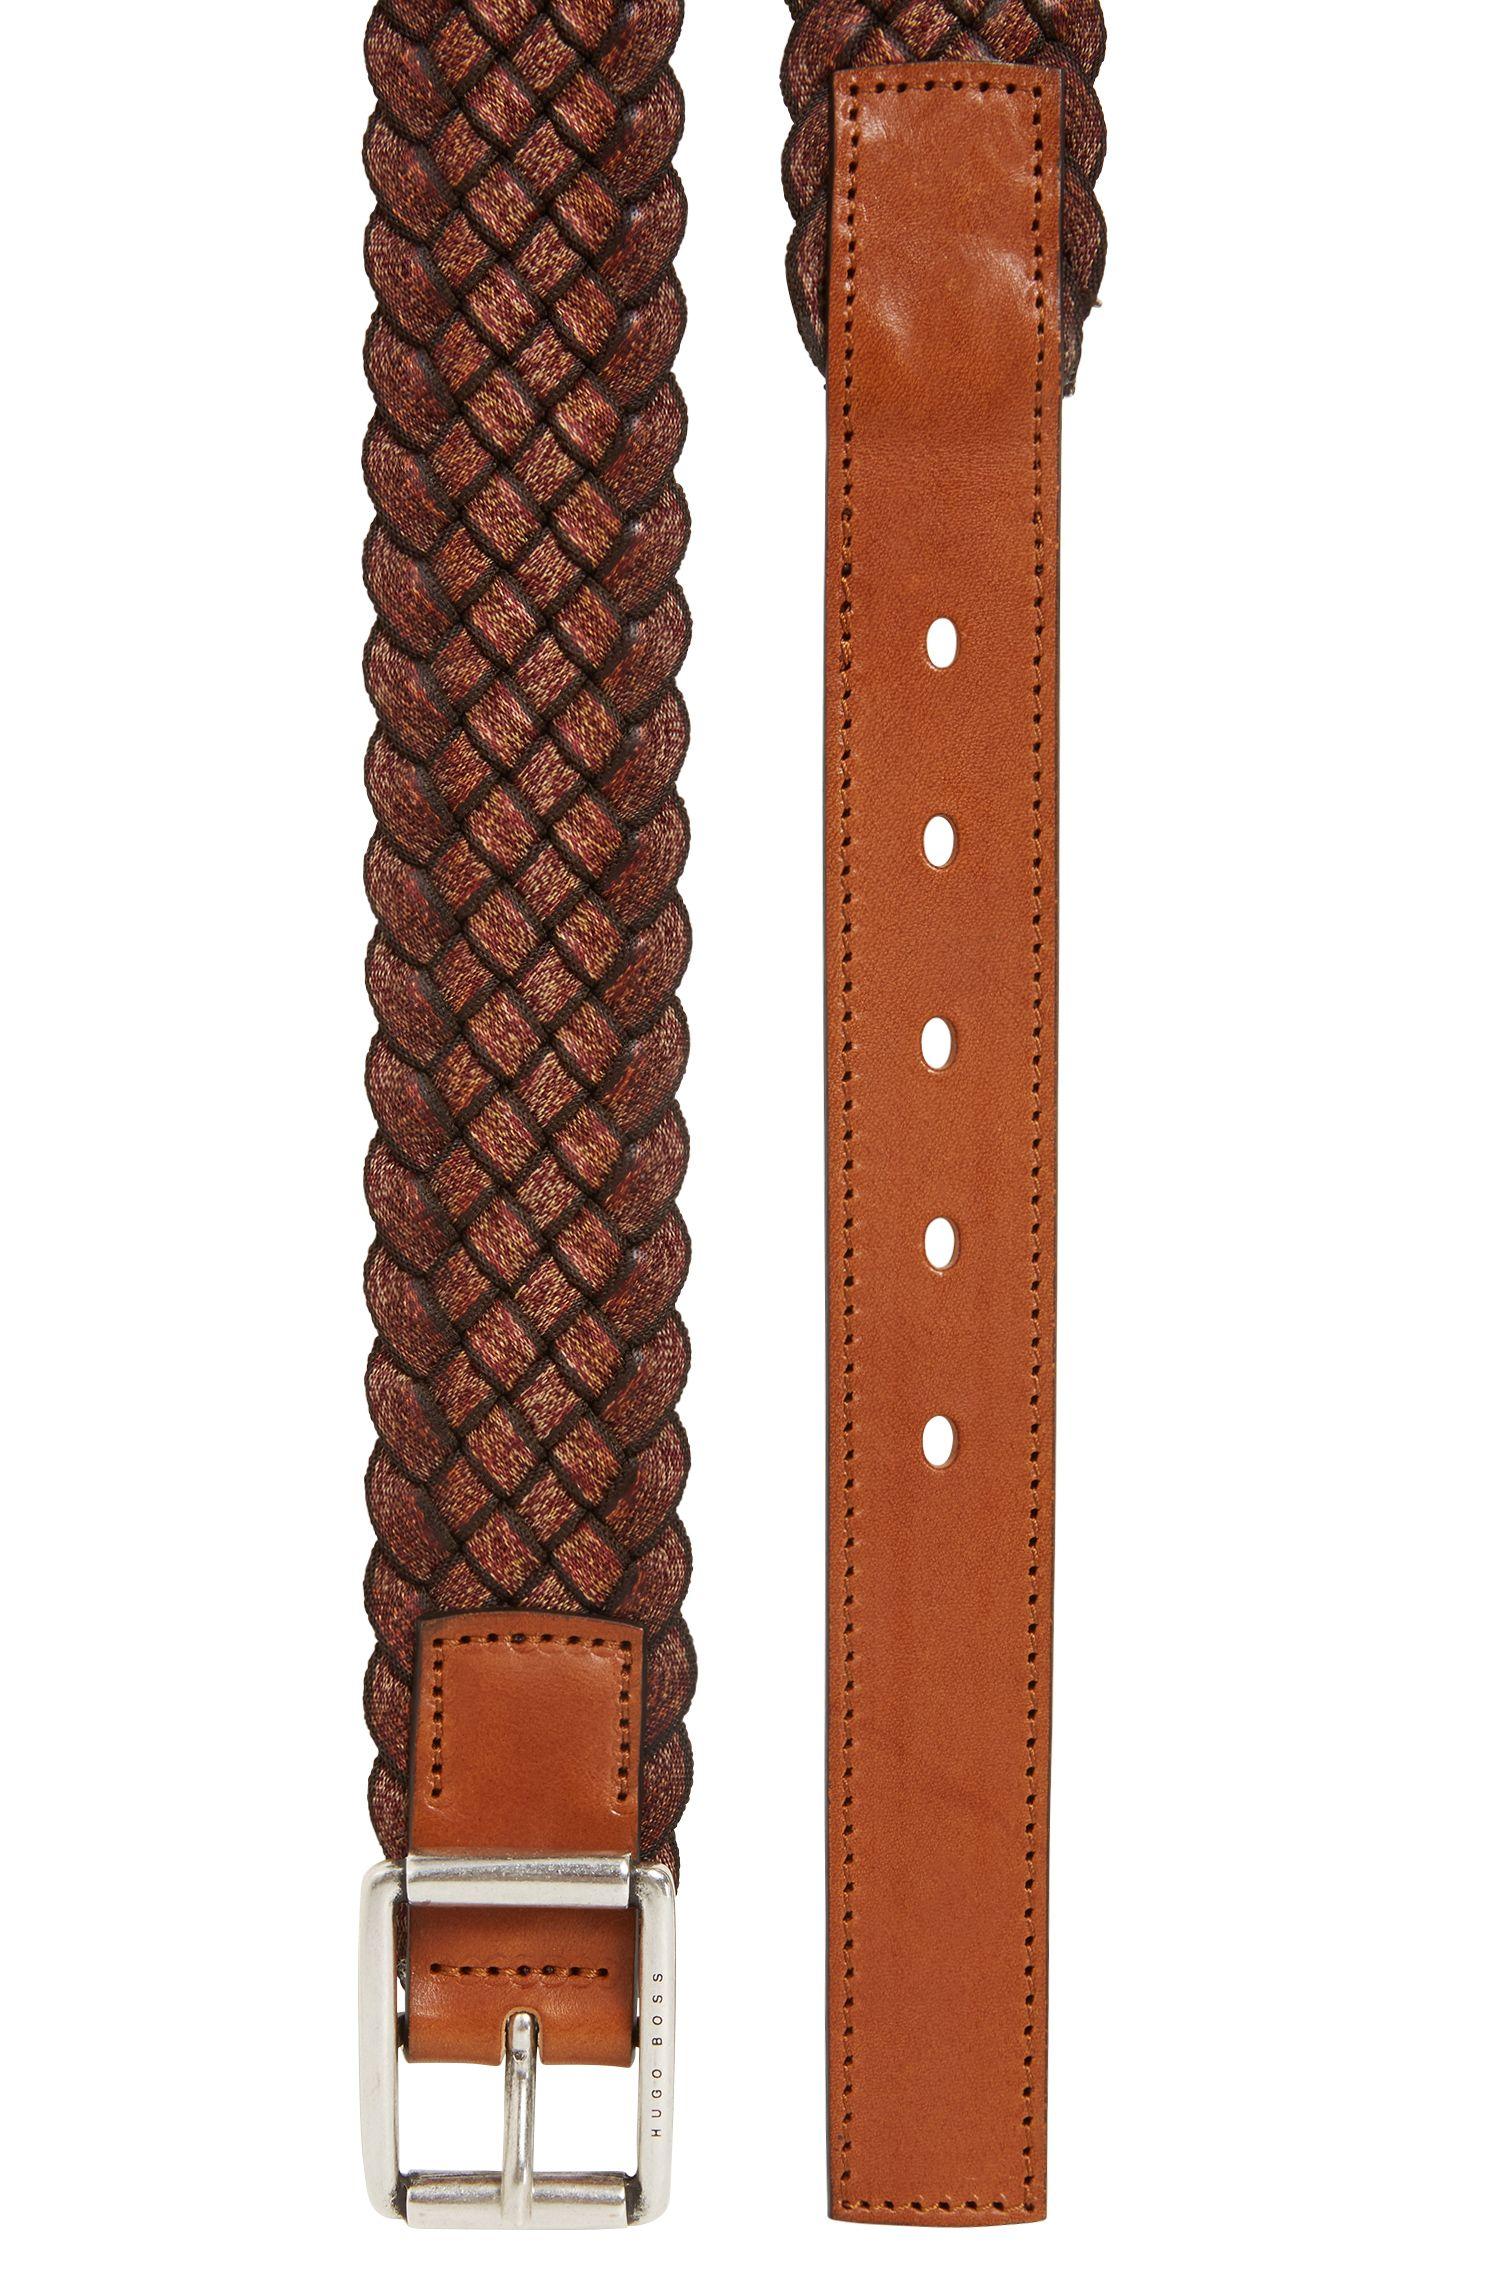 Cinturón de tejido en varios tonos con aplique de piel